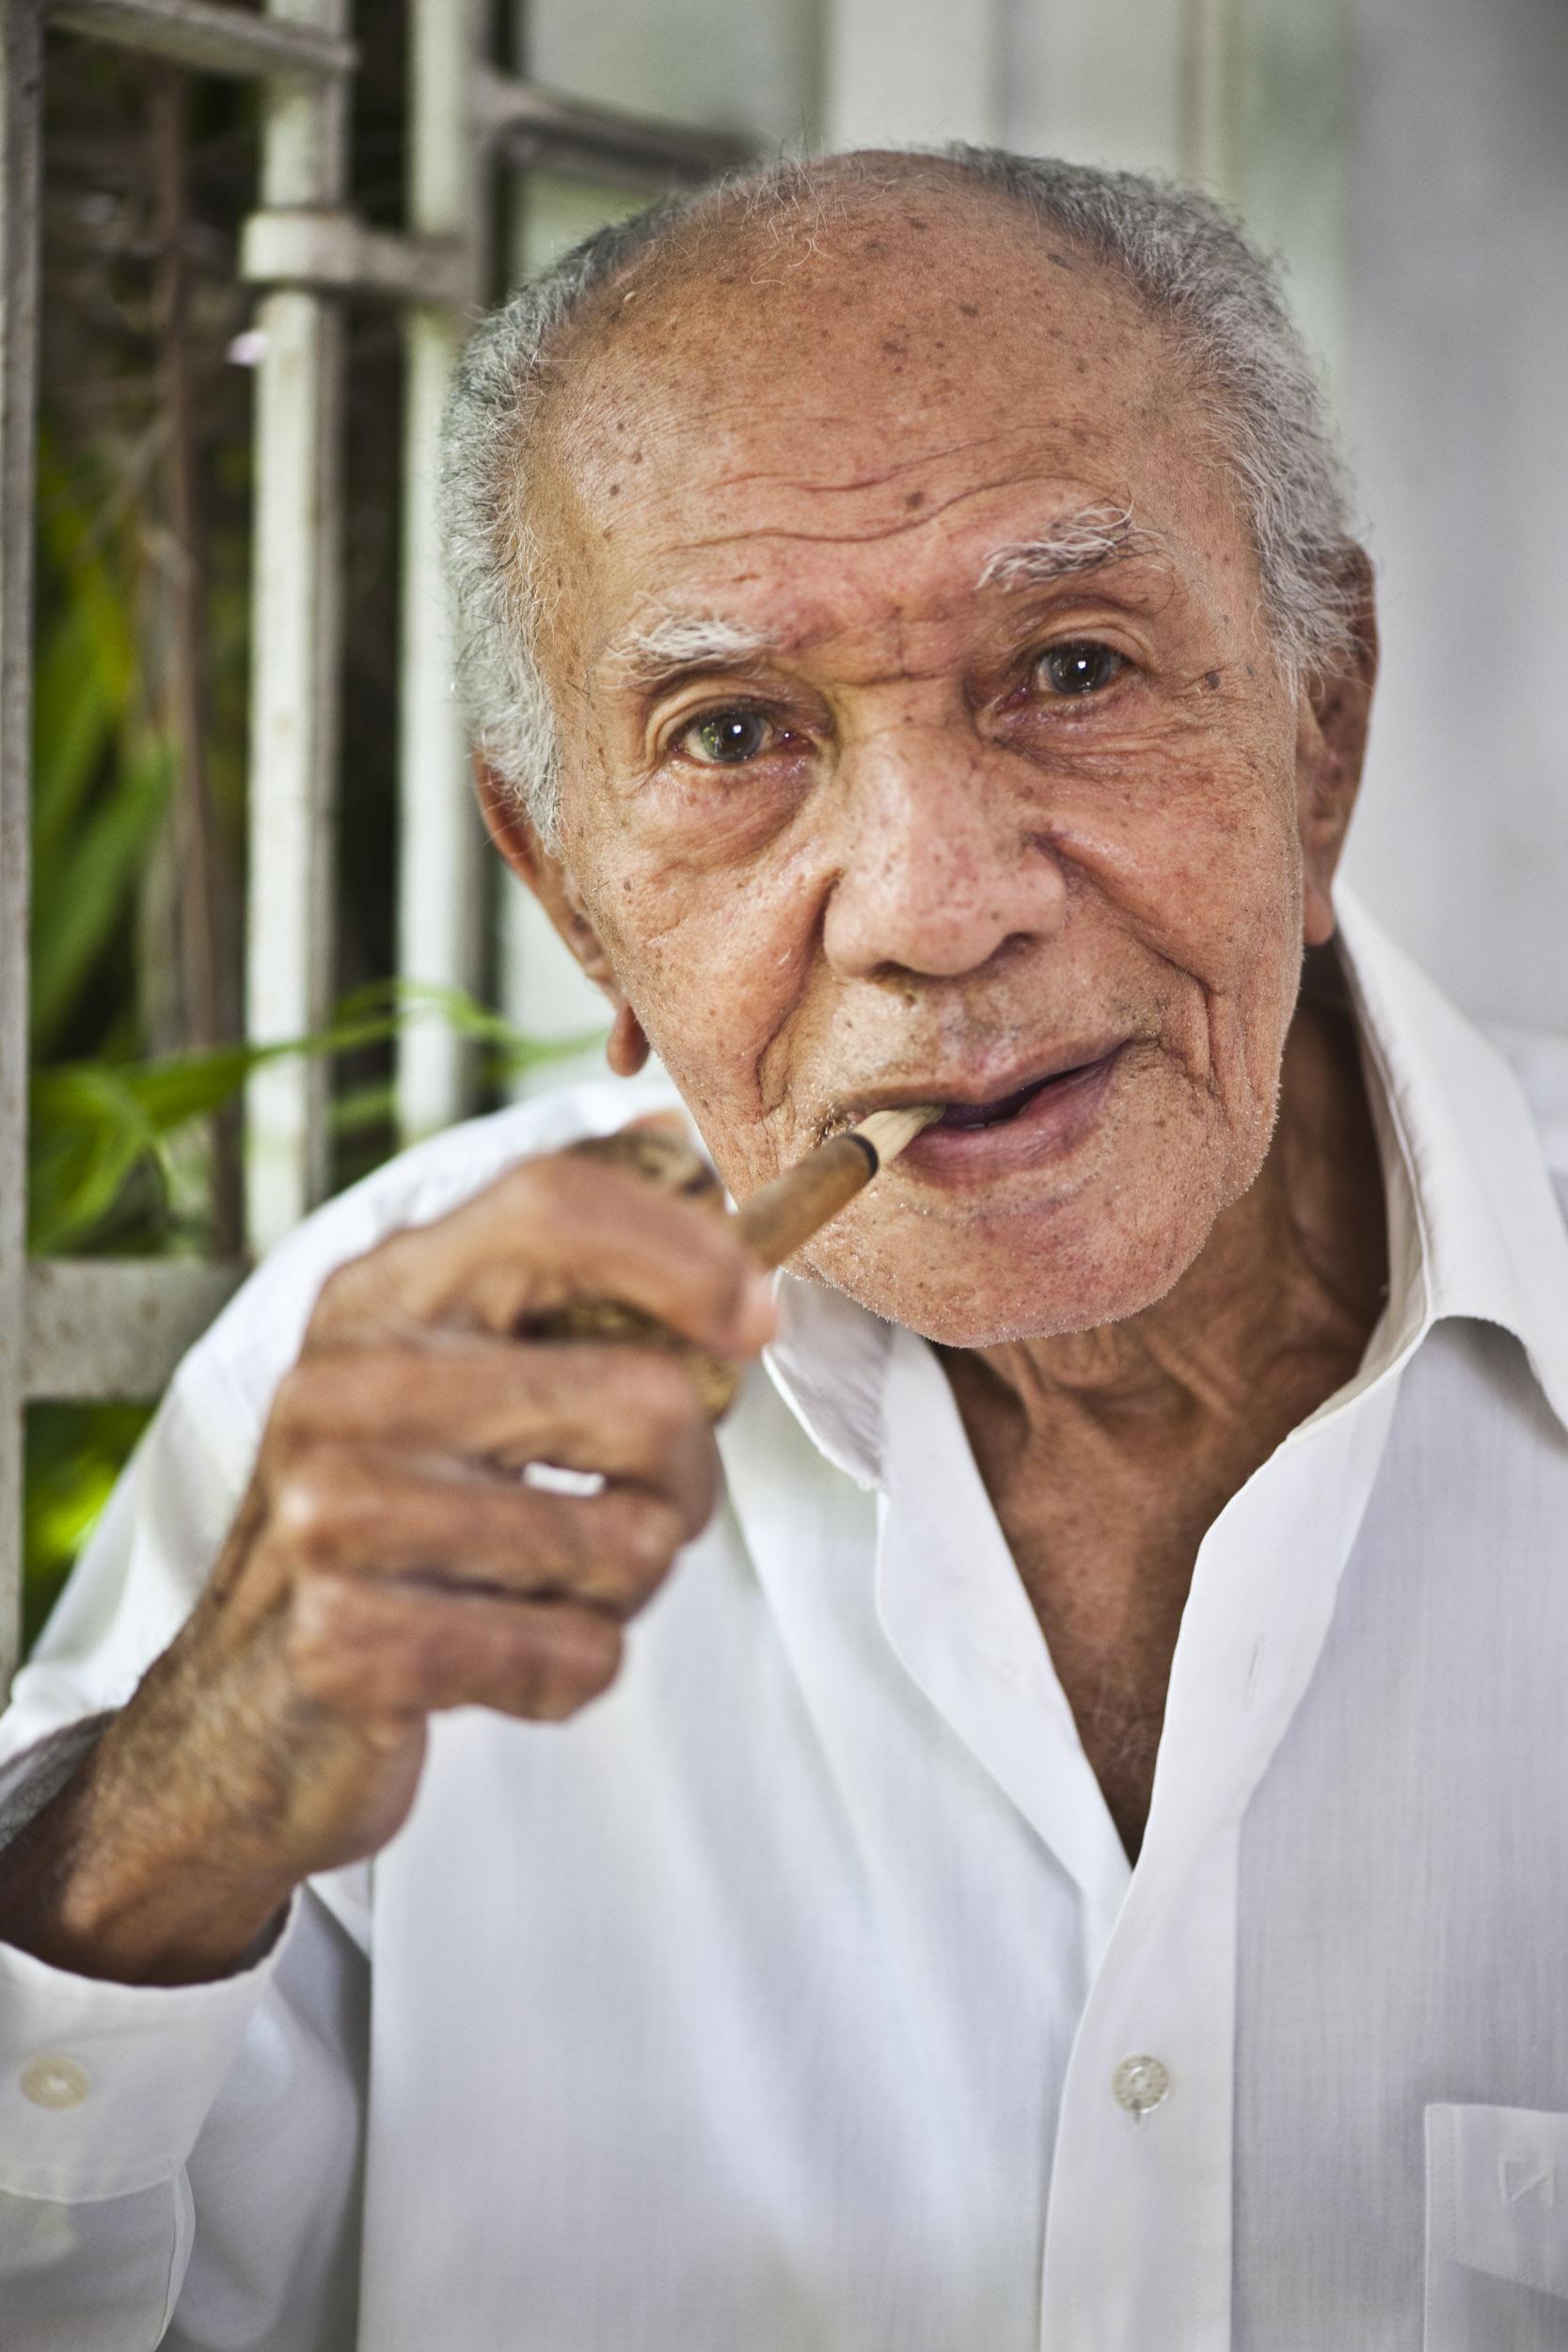 César Portillo de la Luz, musician - Illuminated Cuba - Hector Garrido, Aerial and human photography